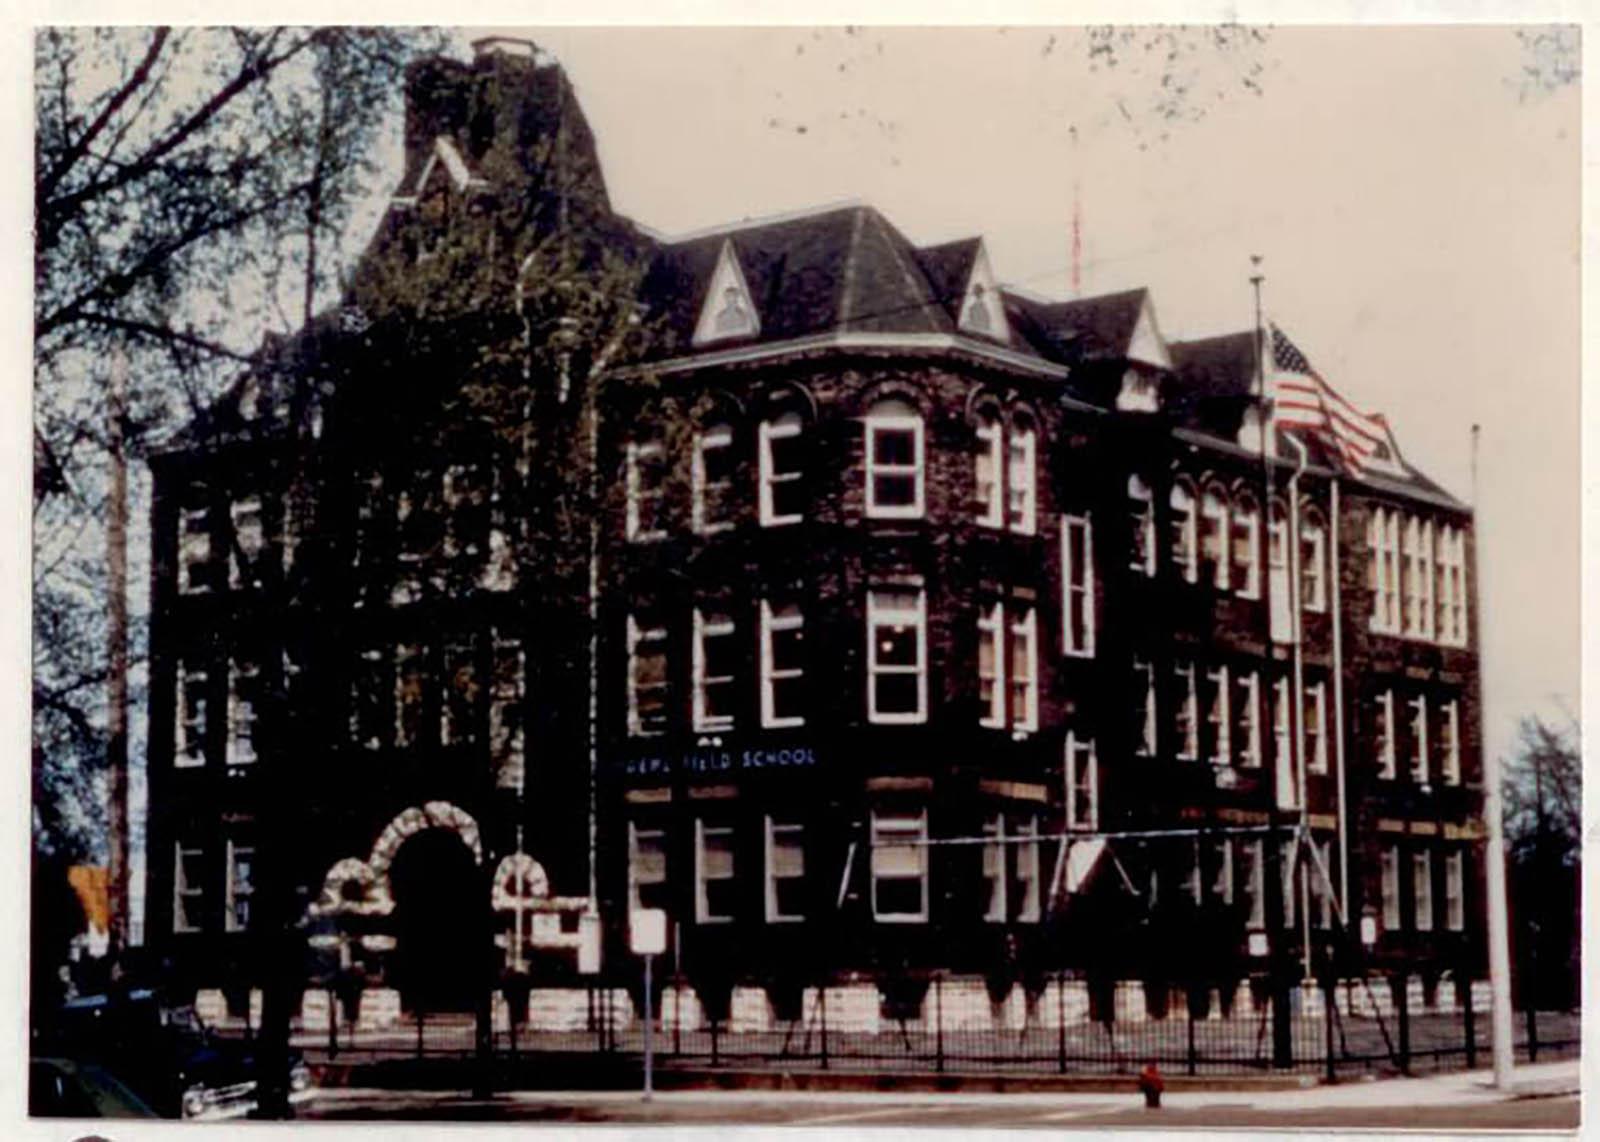 Eugene Field School